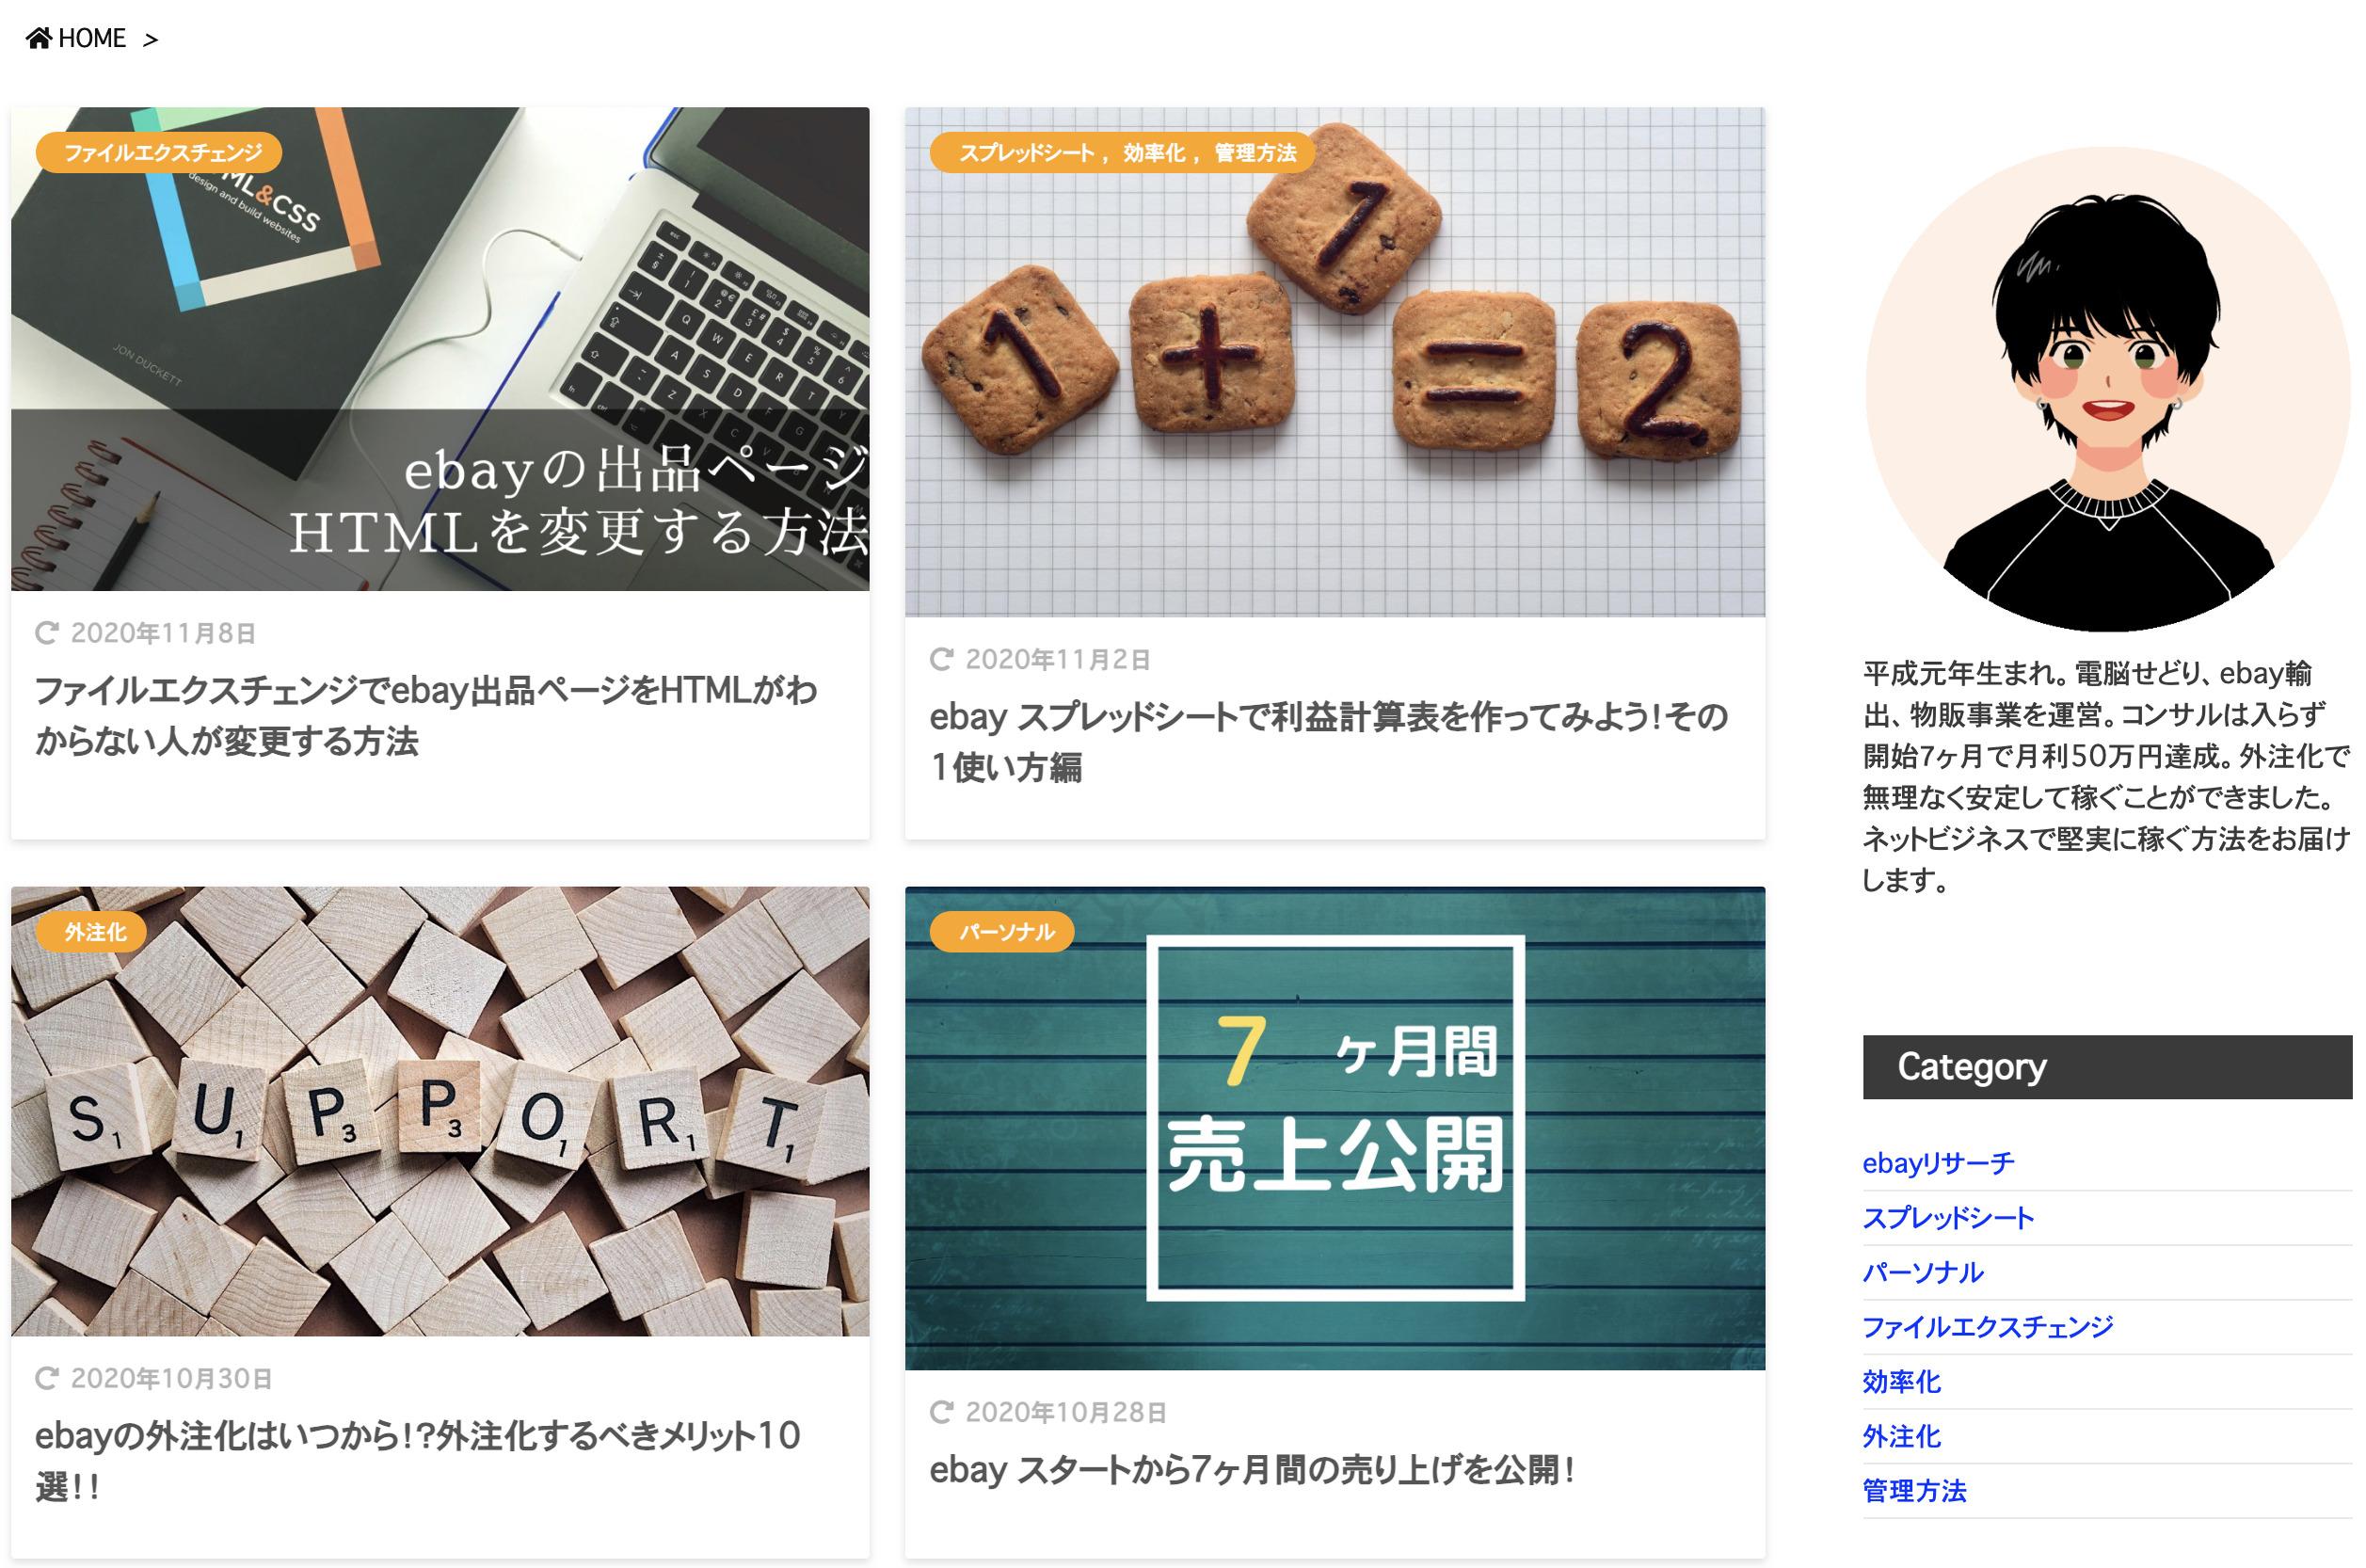 yuki ebay channel